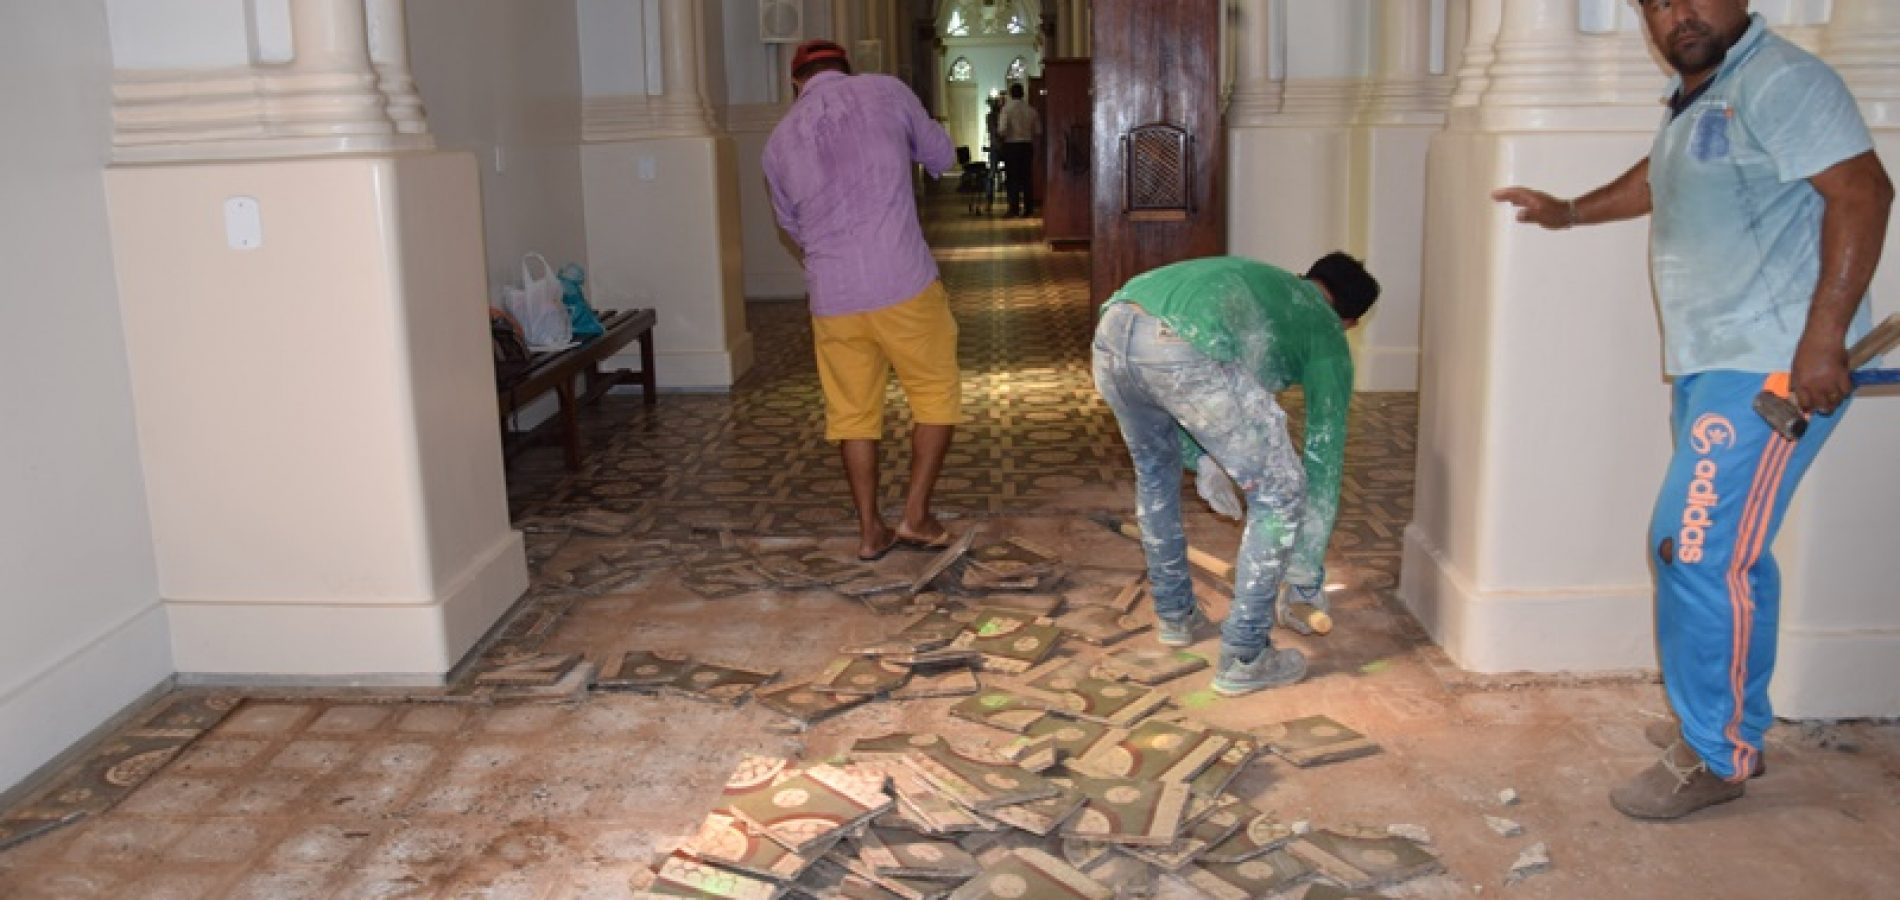 Inicia obra de reforma no piso da Igreja Matriz de Picos